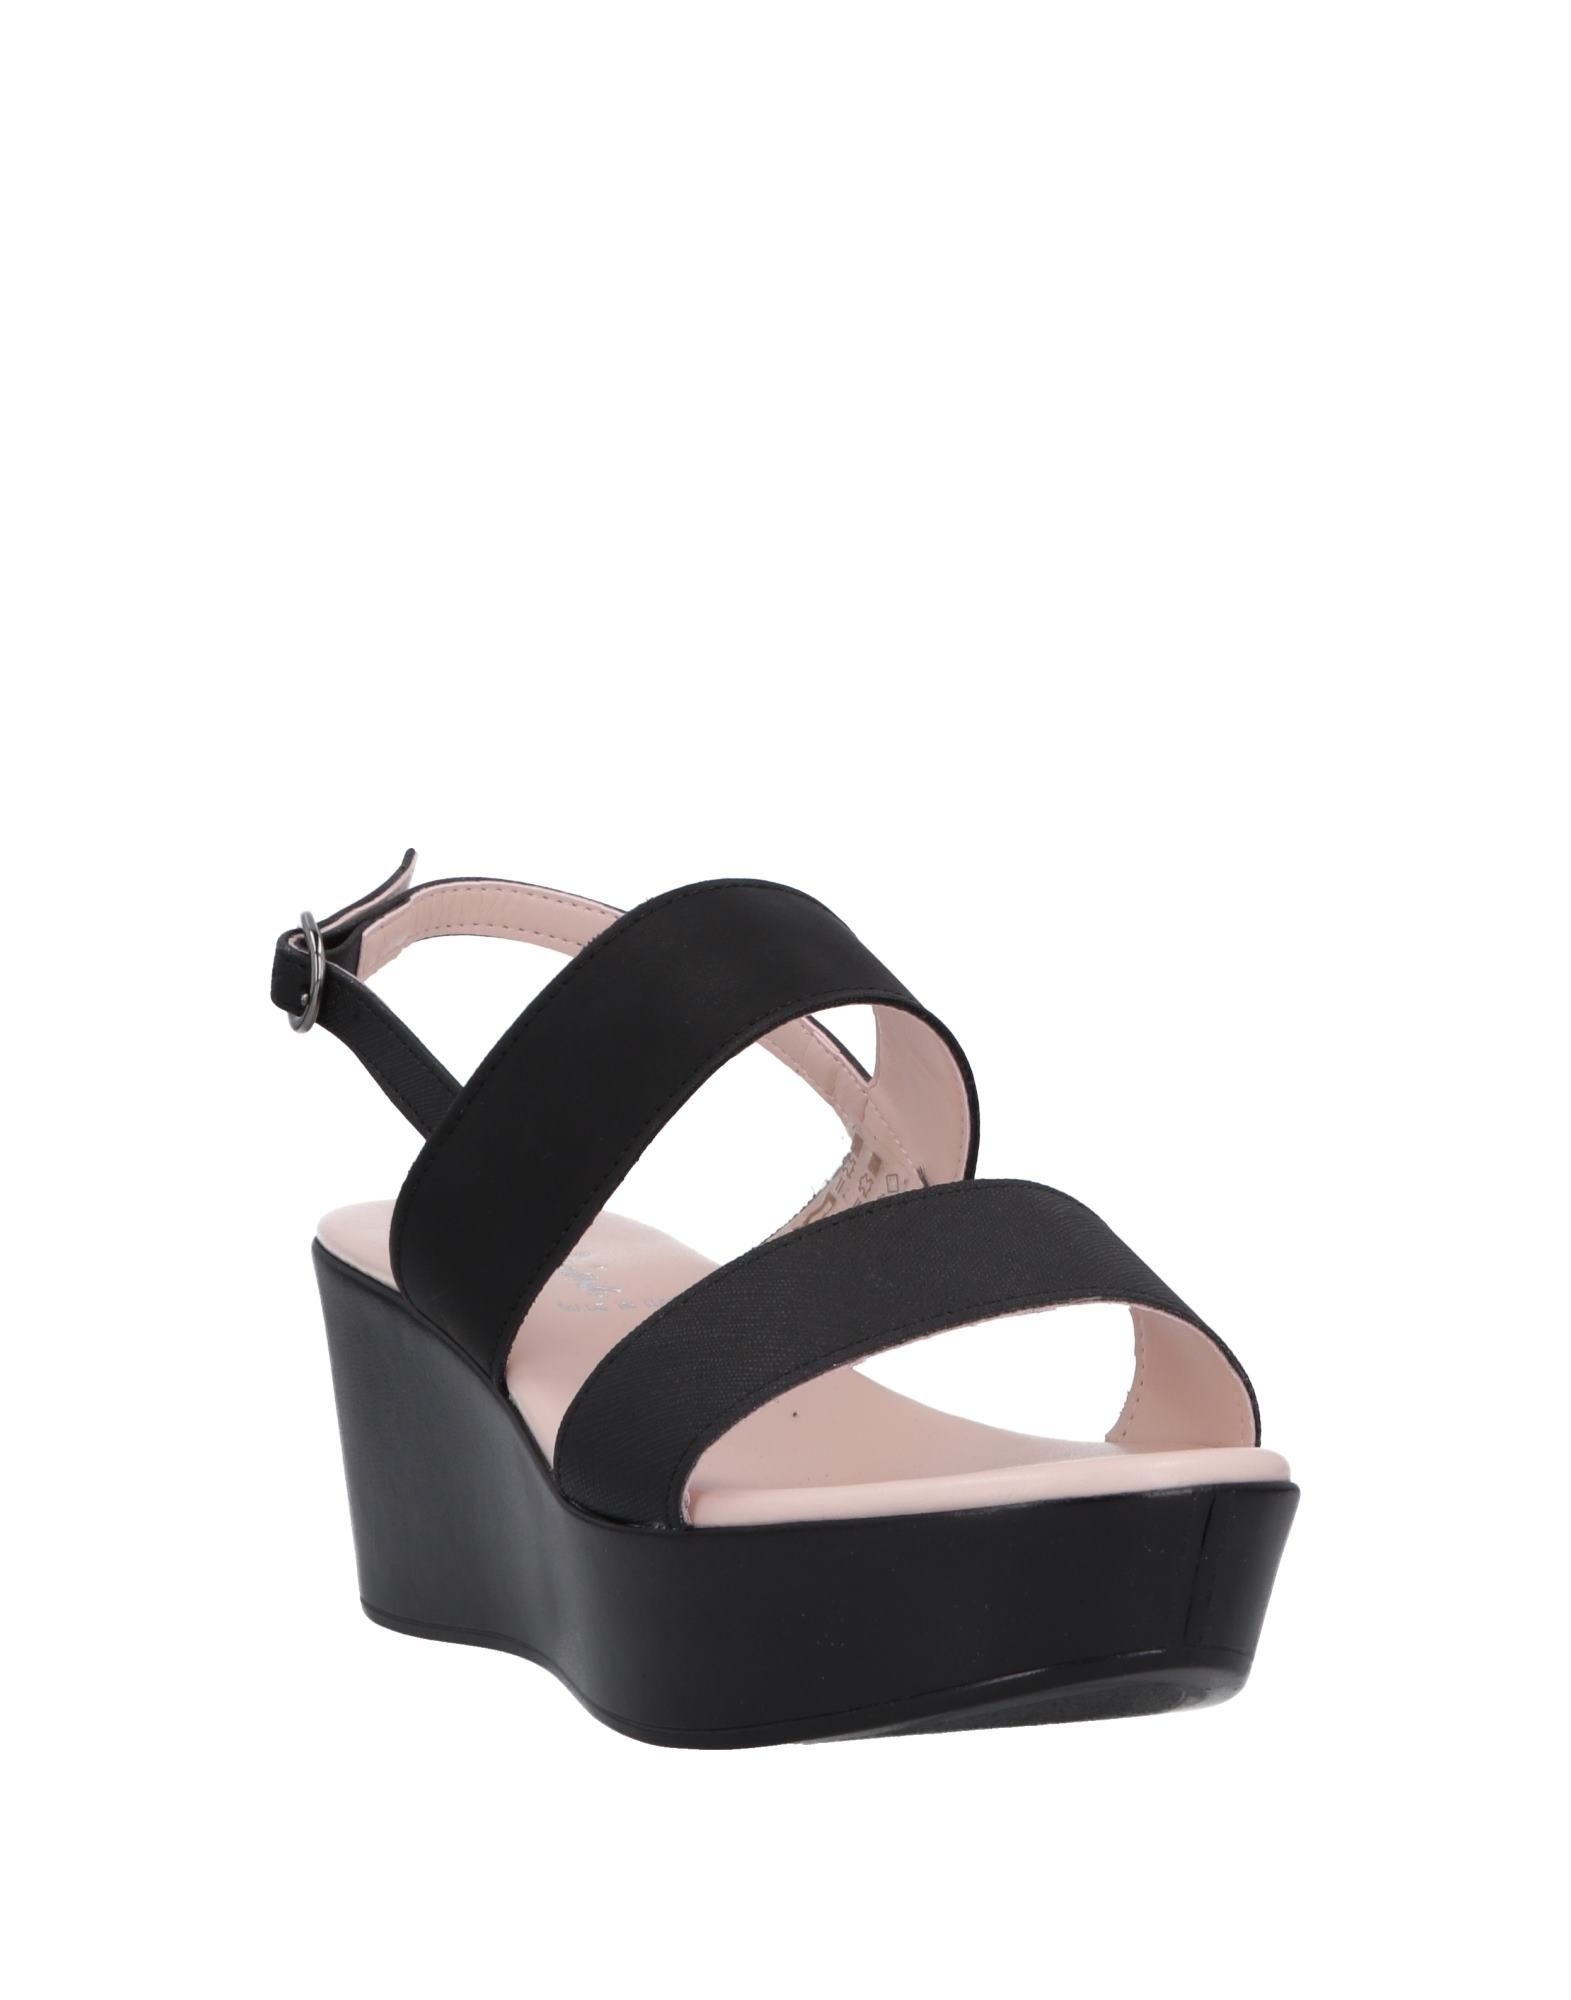 Anteprima Sandalen Qualität Damen  11624648AN Gute Qualität Sandalen beliebte Schuhe 01d74e